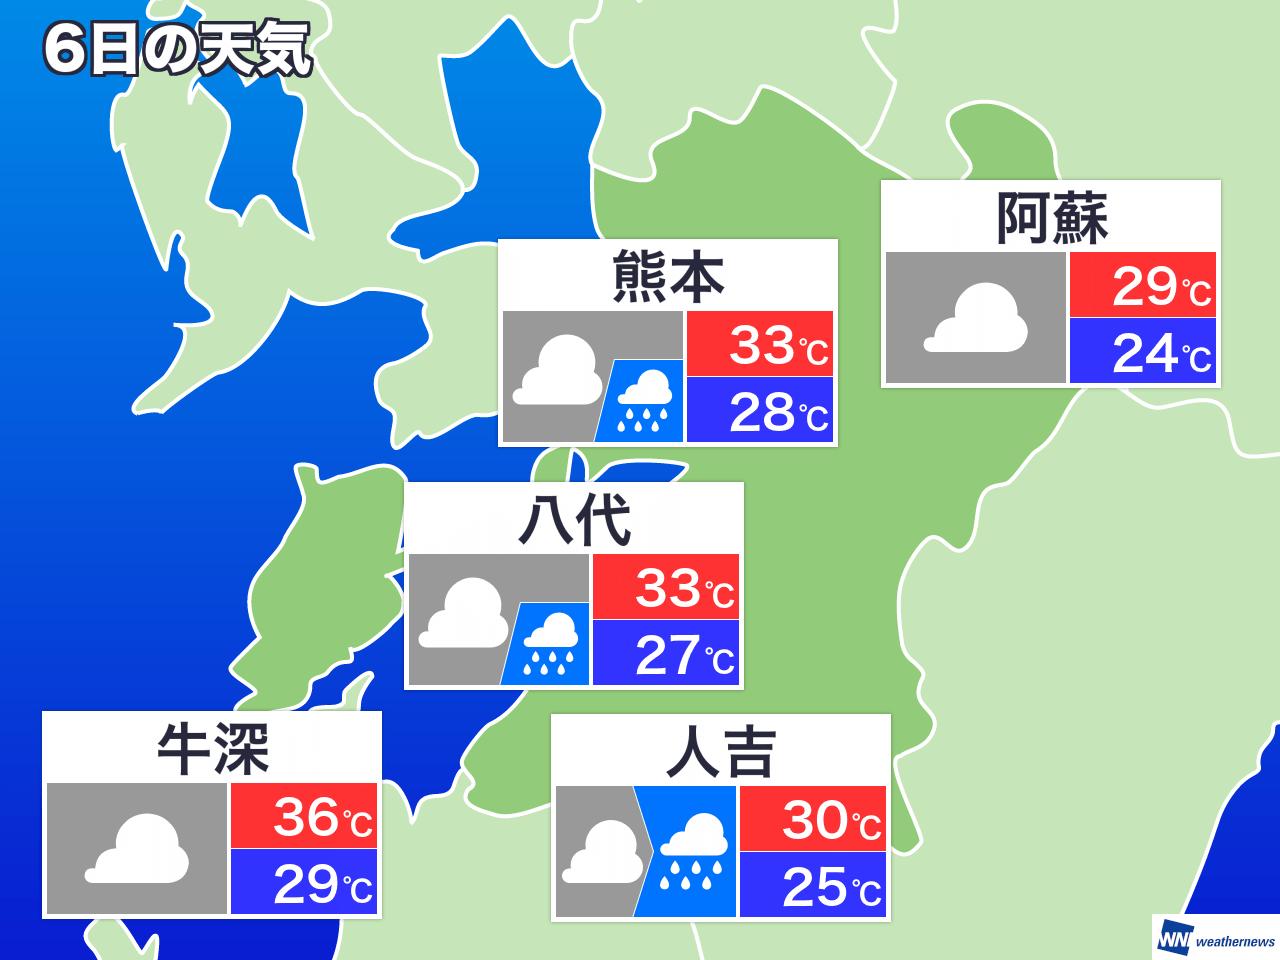 1 熊本 時間 天気